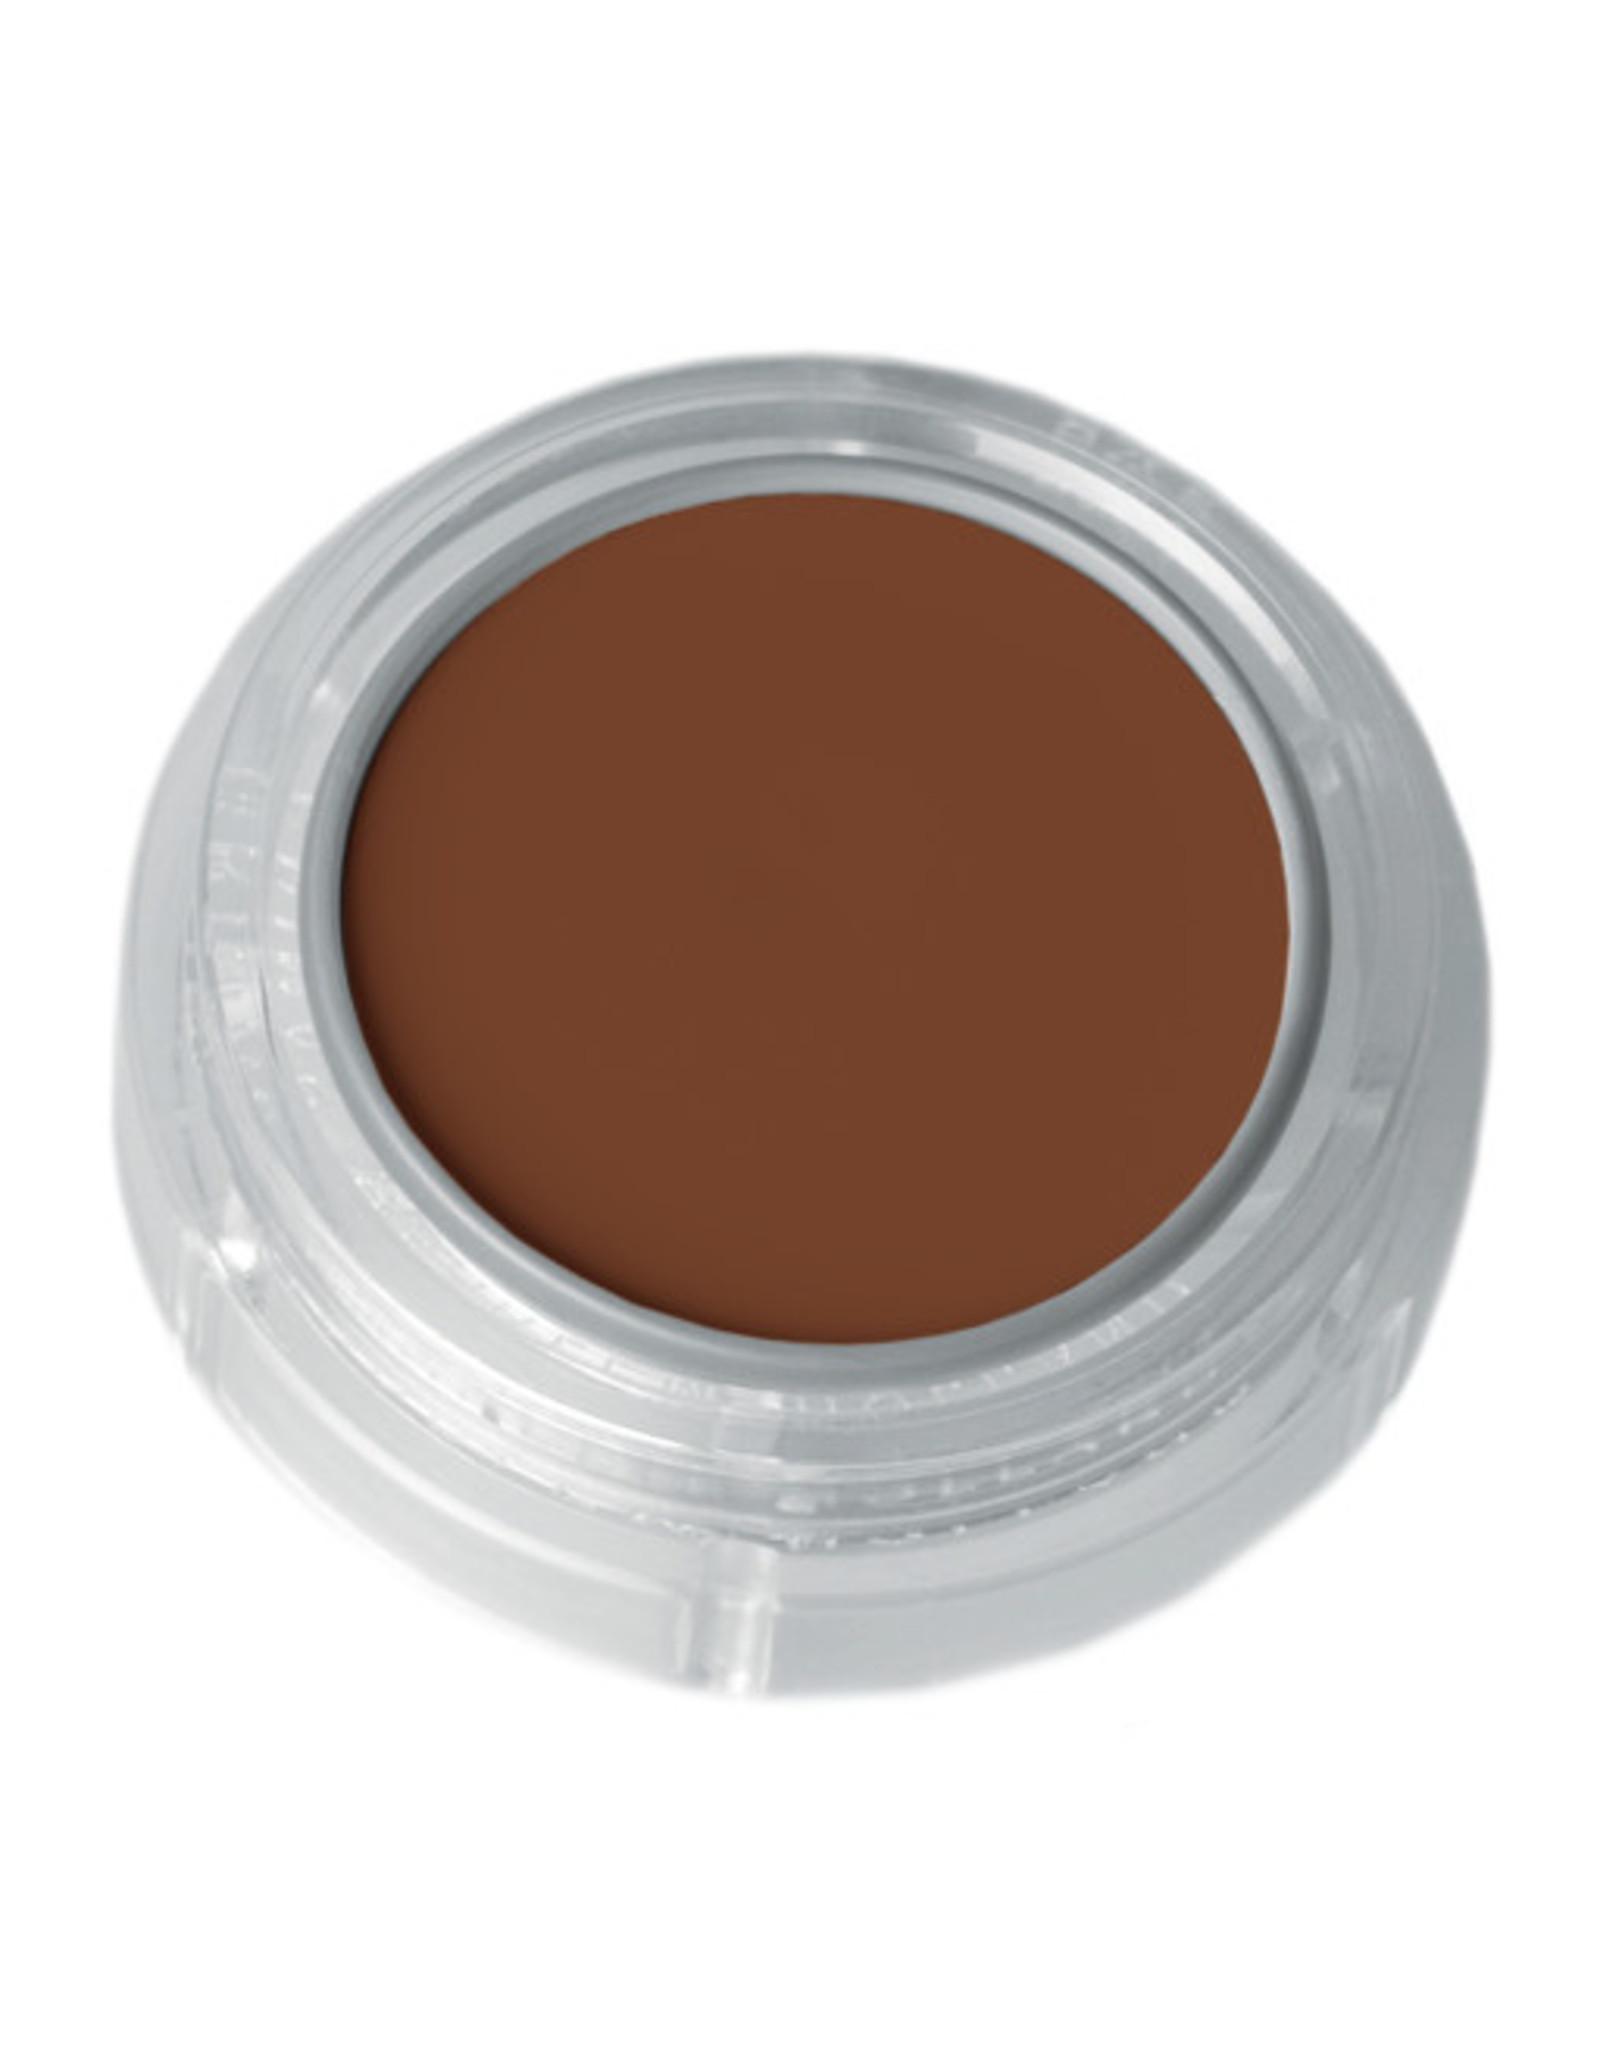 Grimas CREME MAKE-UP PURE D8 Voor donkere huid